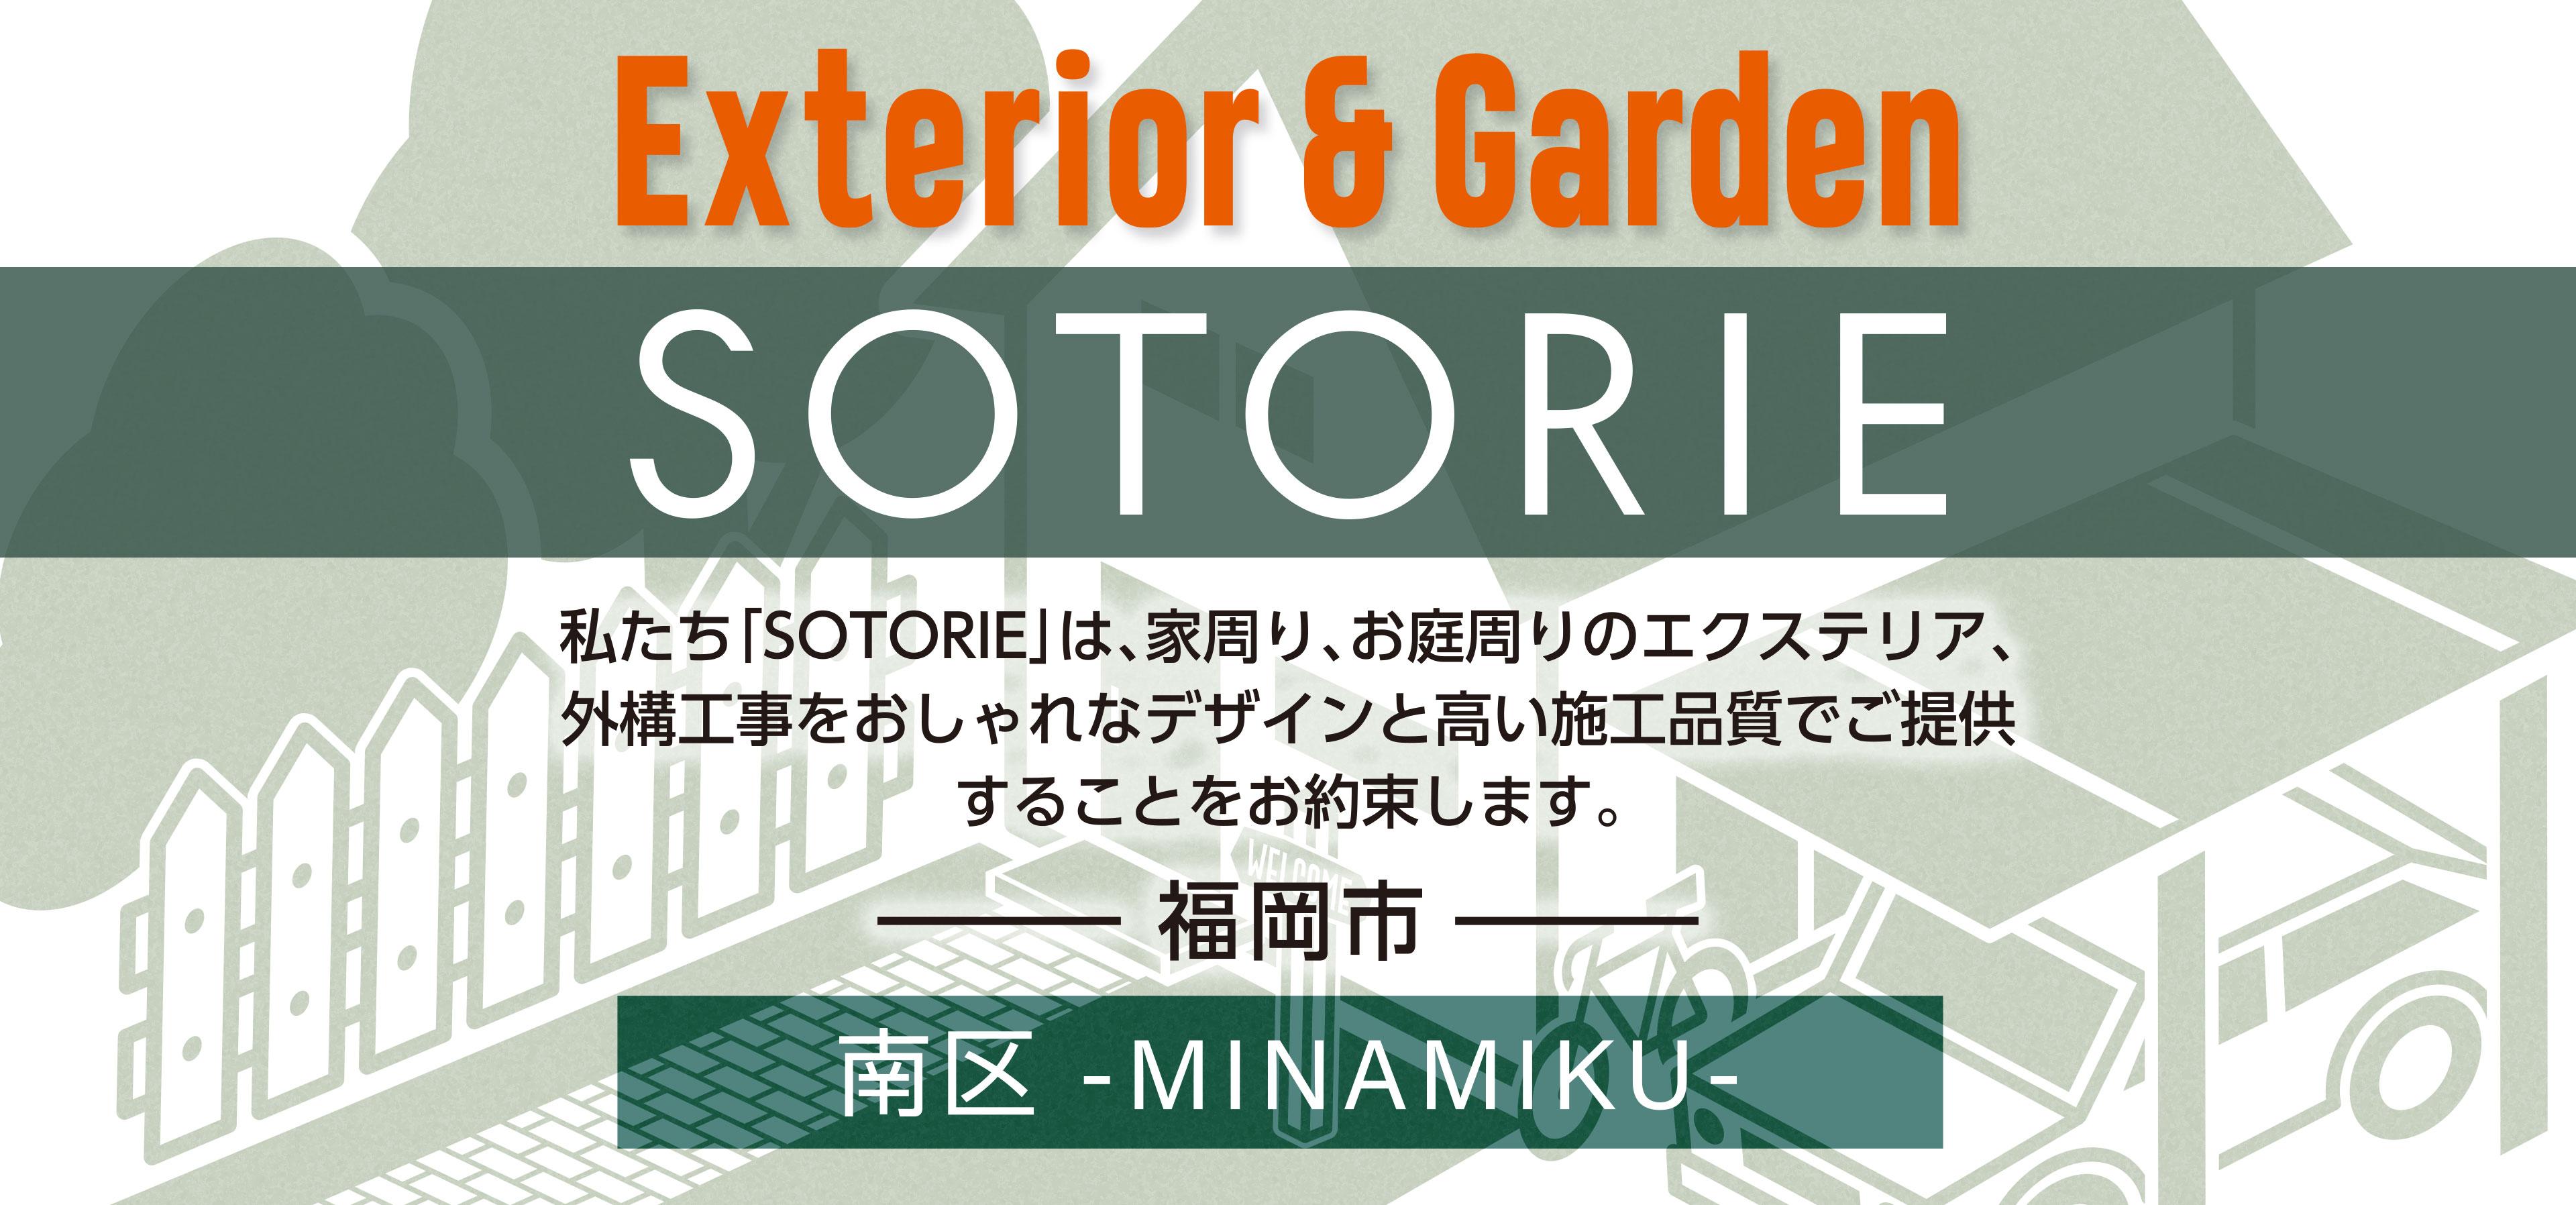 ソトリエ福岡市南区では、家周りと庭周りの外構、エクステリア工事をおしゃれなデザインと高い施工品質でご提供することをお約束します。